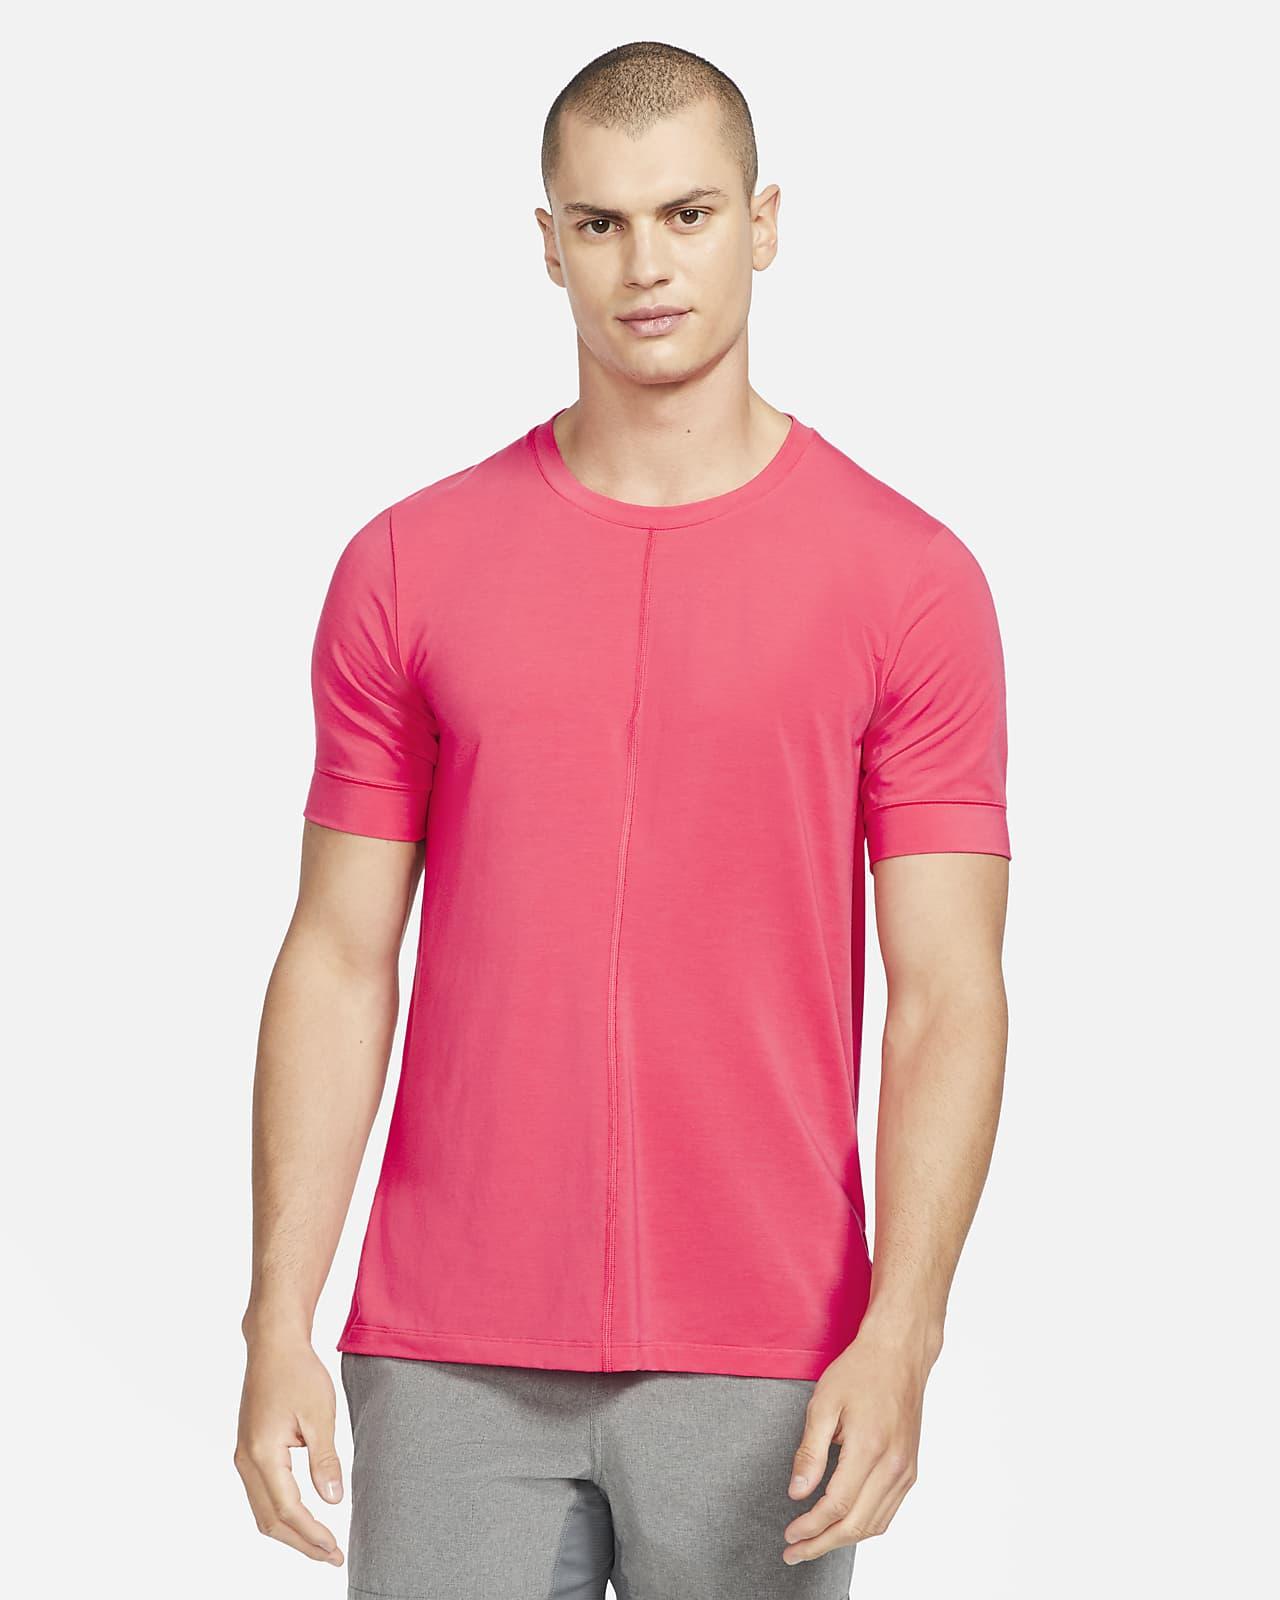 Prenda para la parte superior de manga corta para hombre Nike Yoga Dri-FIT